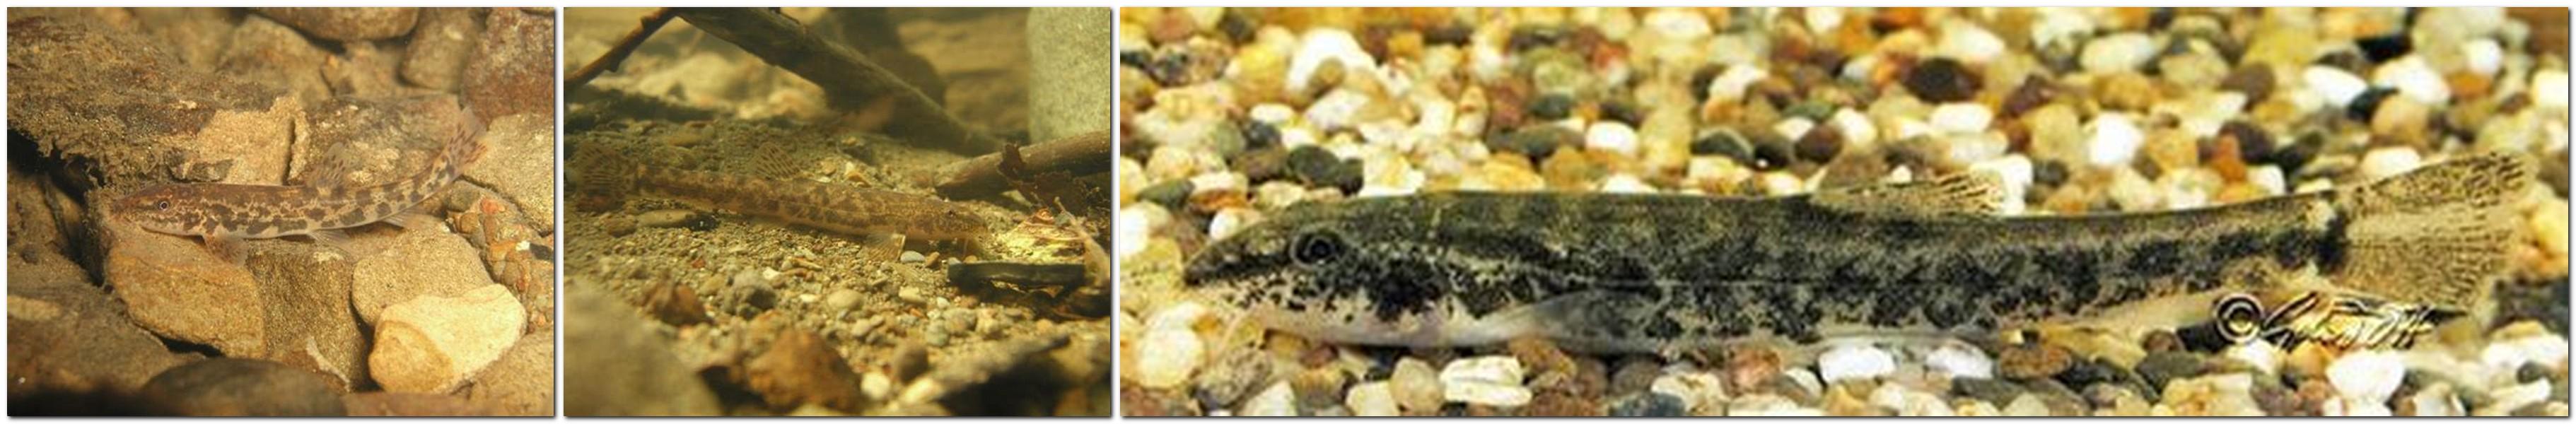 Bachschmerle - Noemacheilus barbatulus